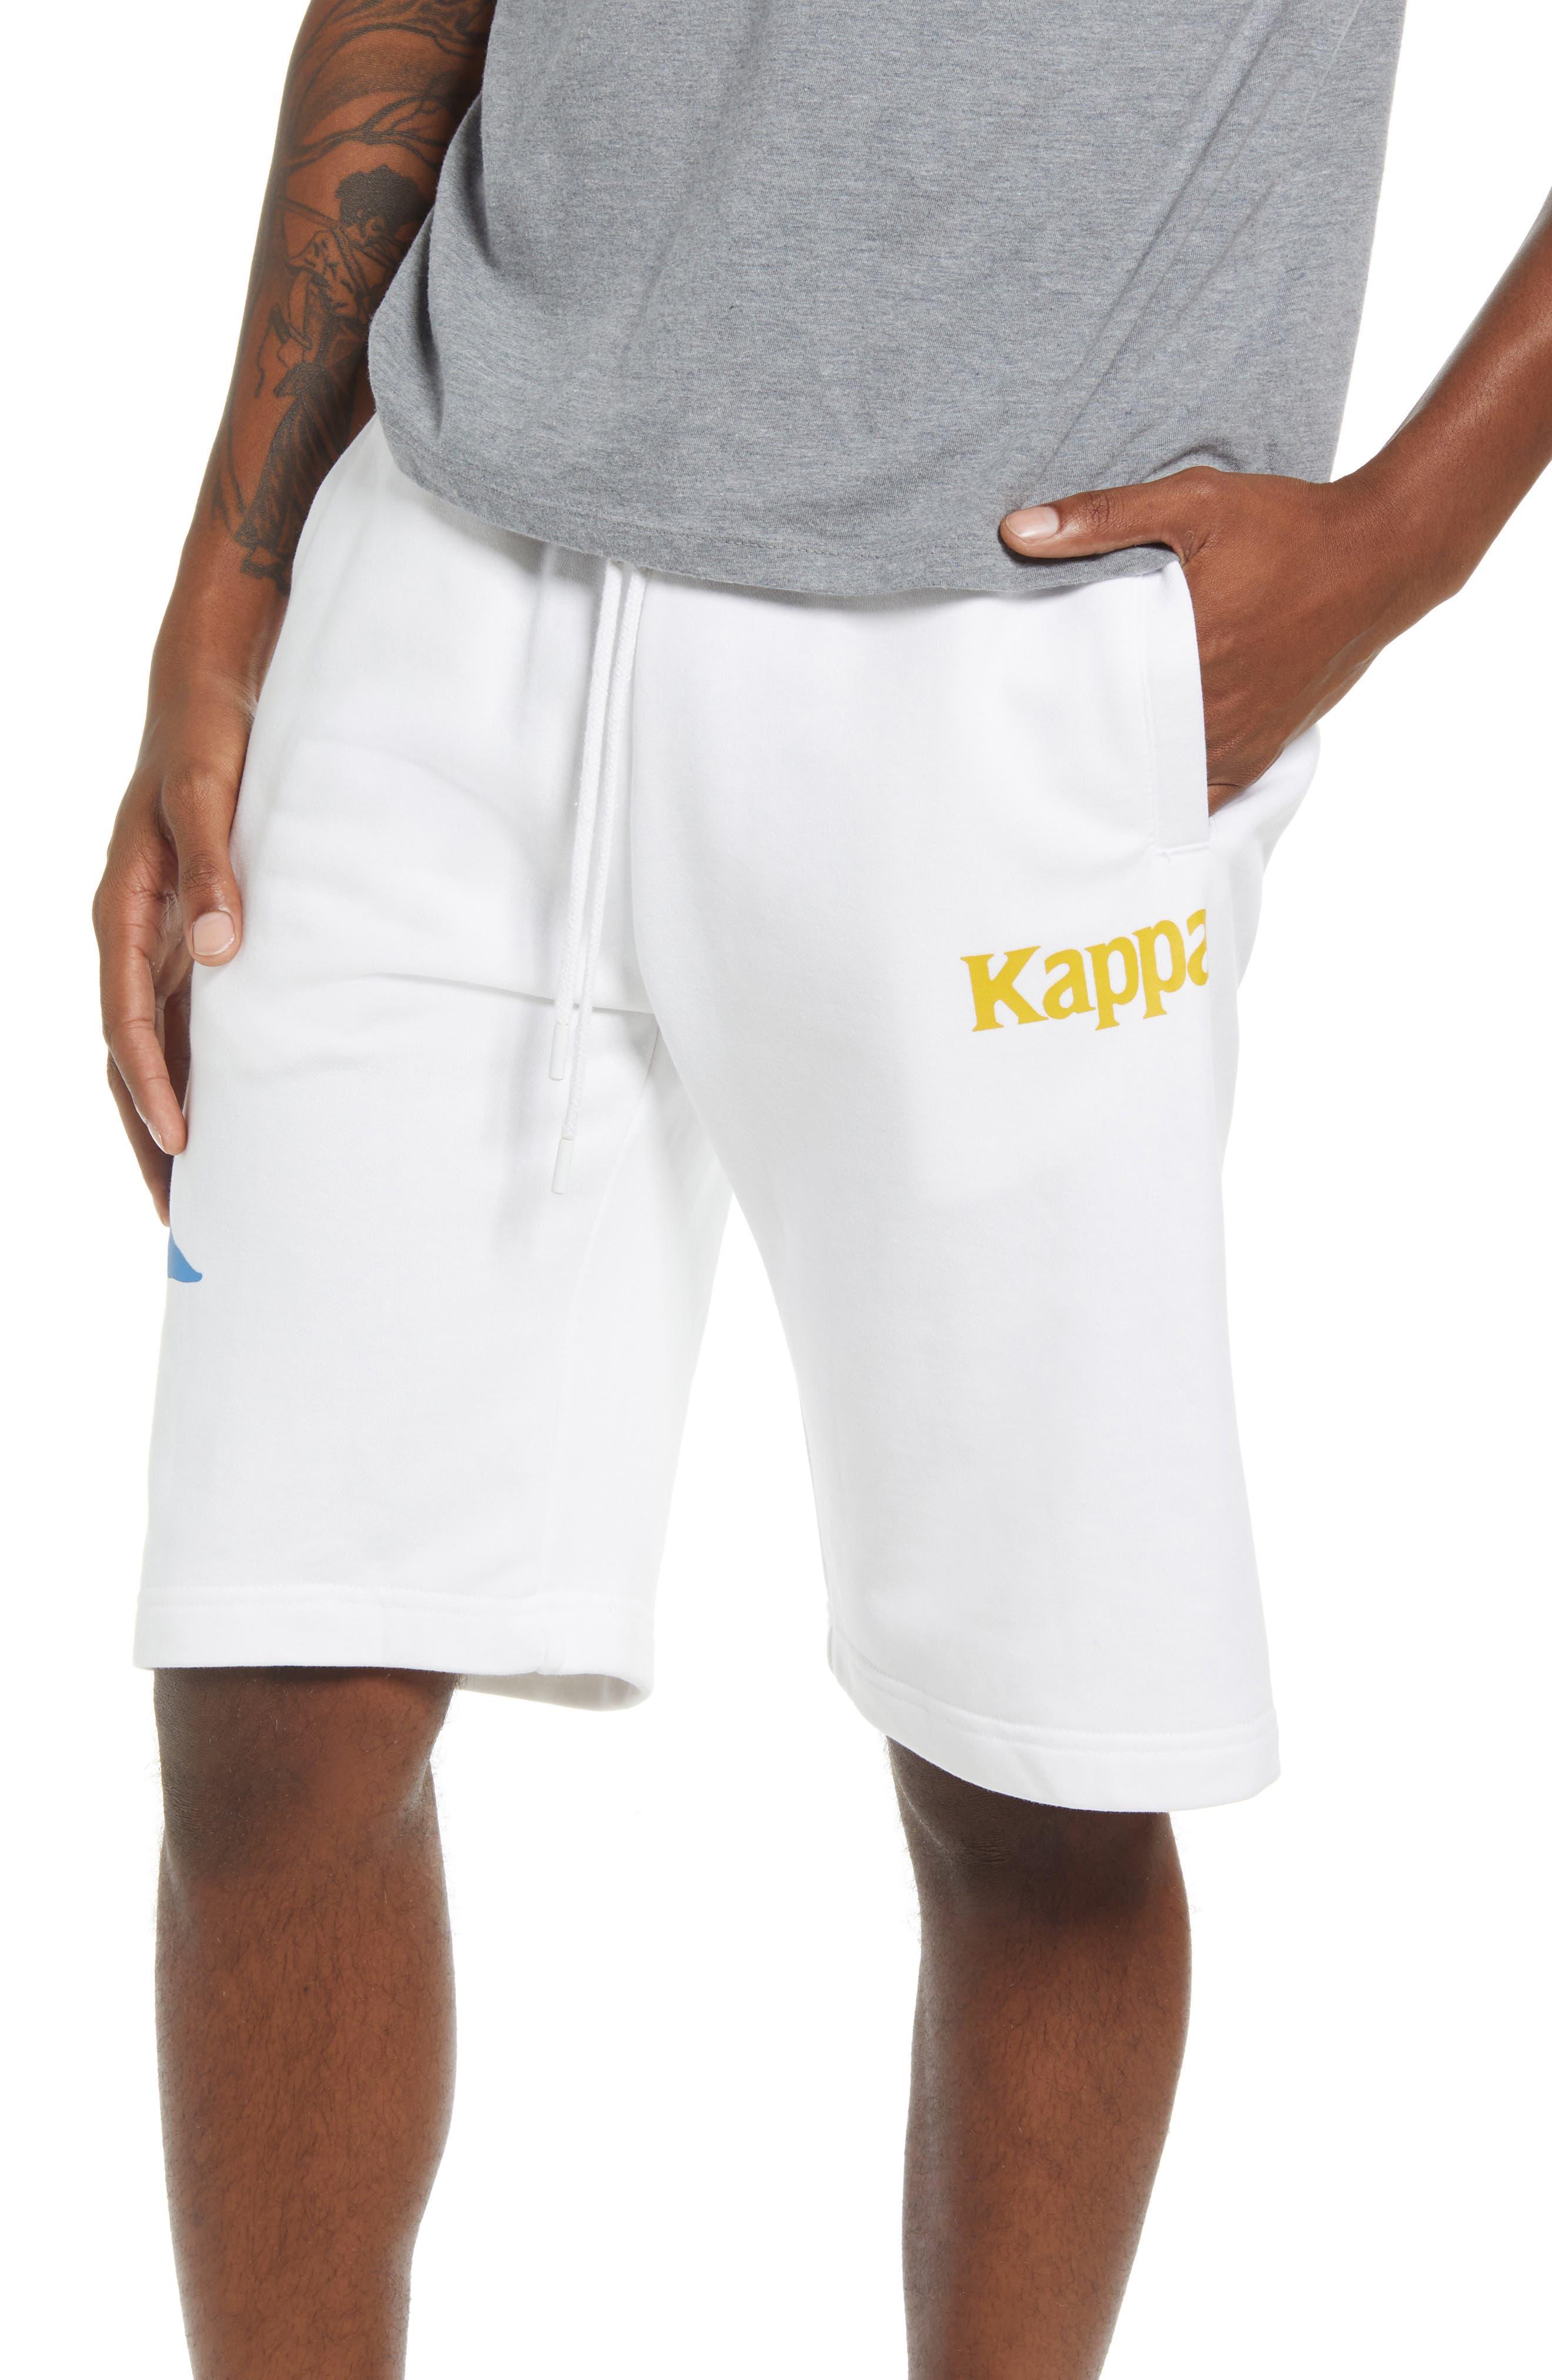 Men's Authentic Sangone Shorts